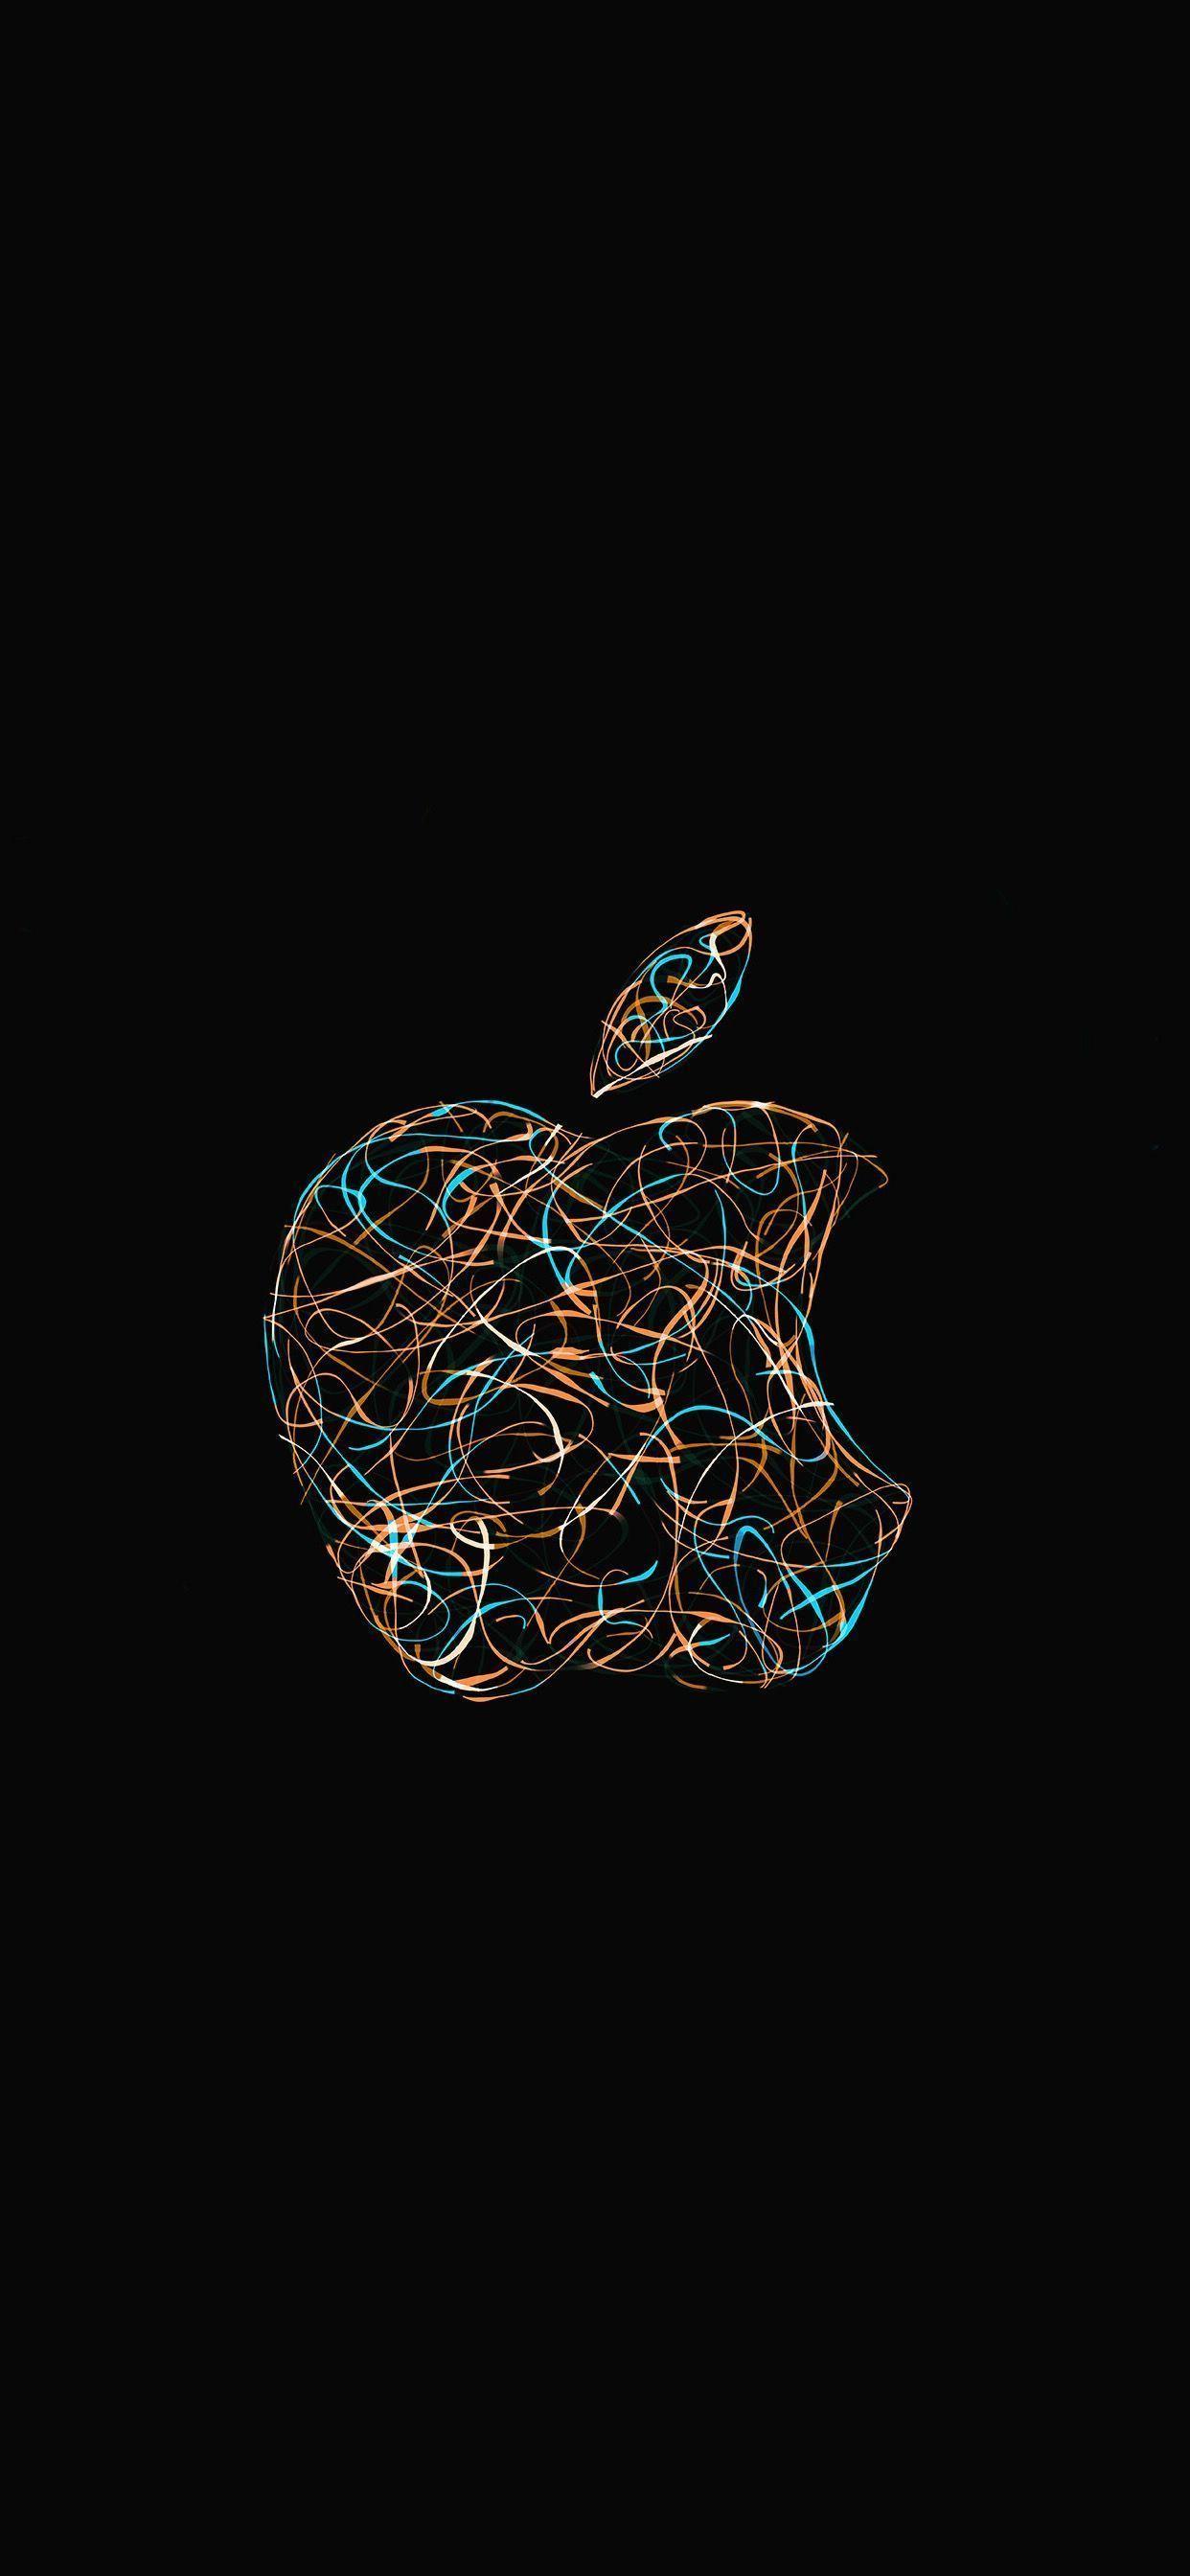 Green Ios 13 Dark Mode Wallpaper Iphone X Wallpapers Iphonexwallpaperfullhd Apple Logo Wallpaper Iphone Apple Logo Wallpaper Walpaper Iphone